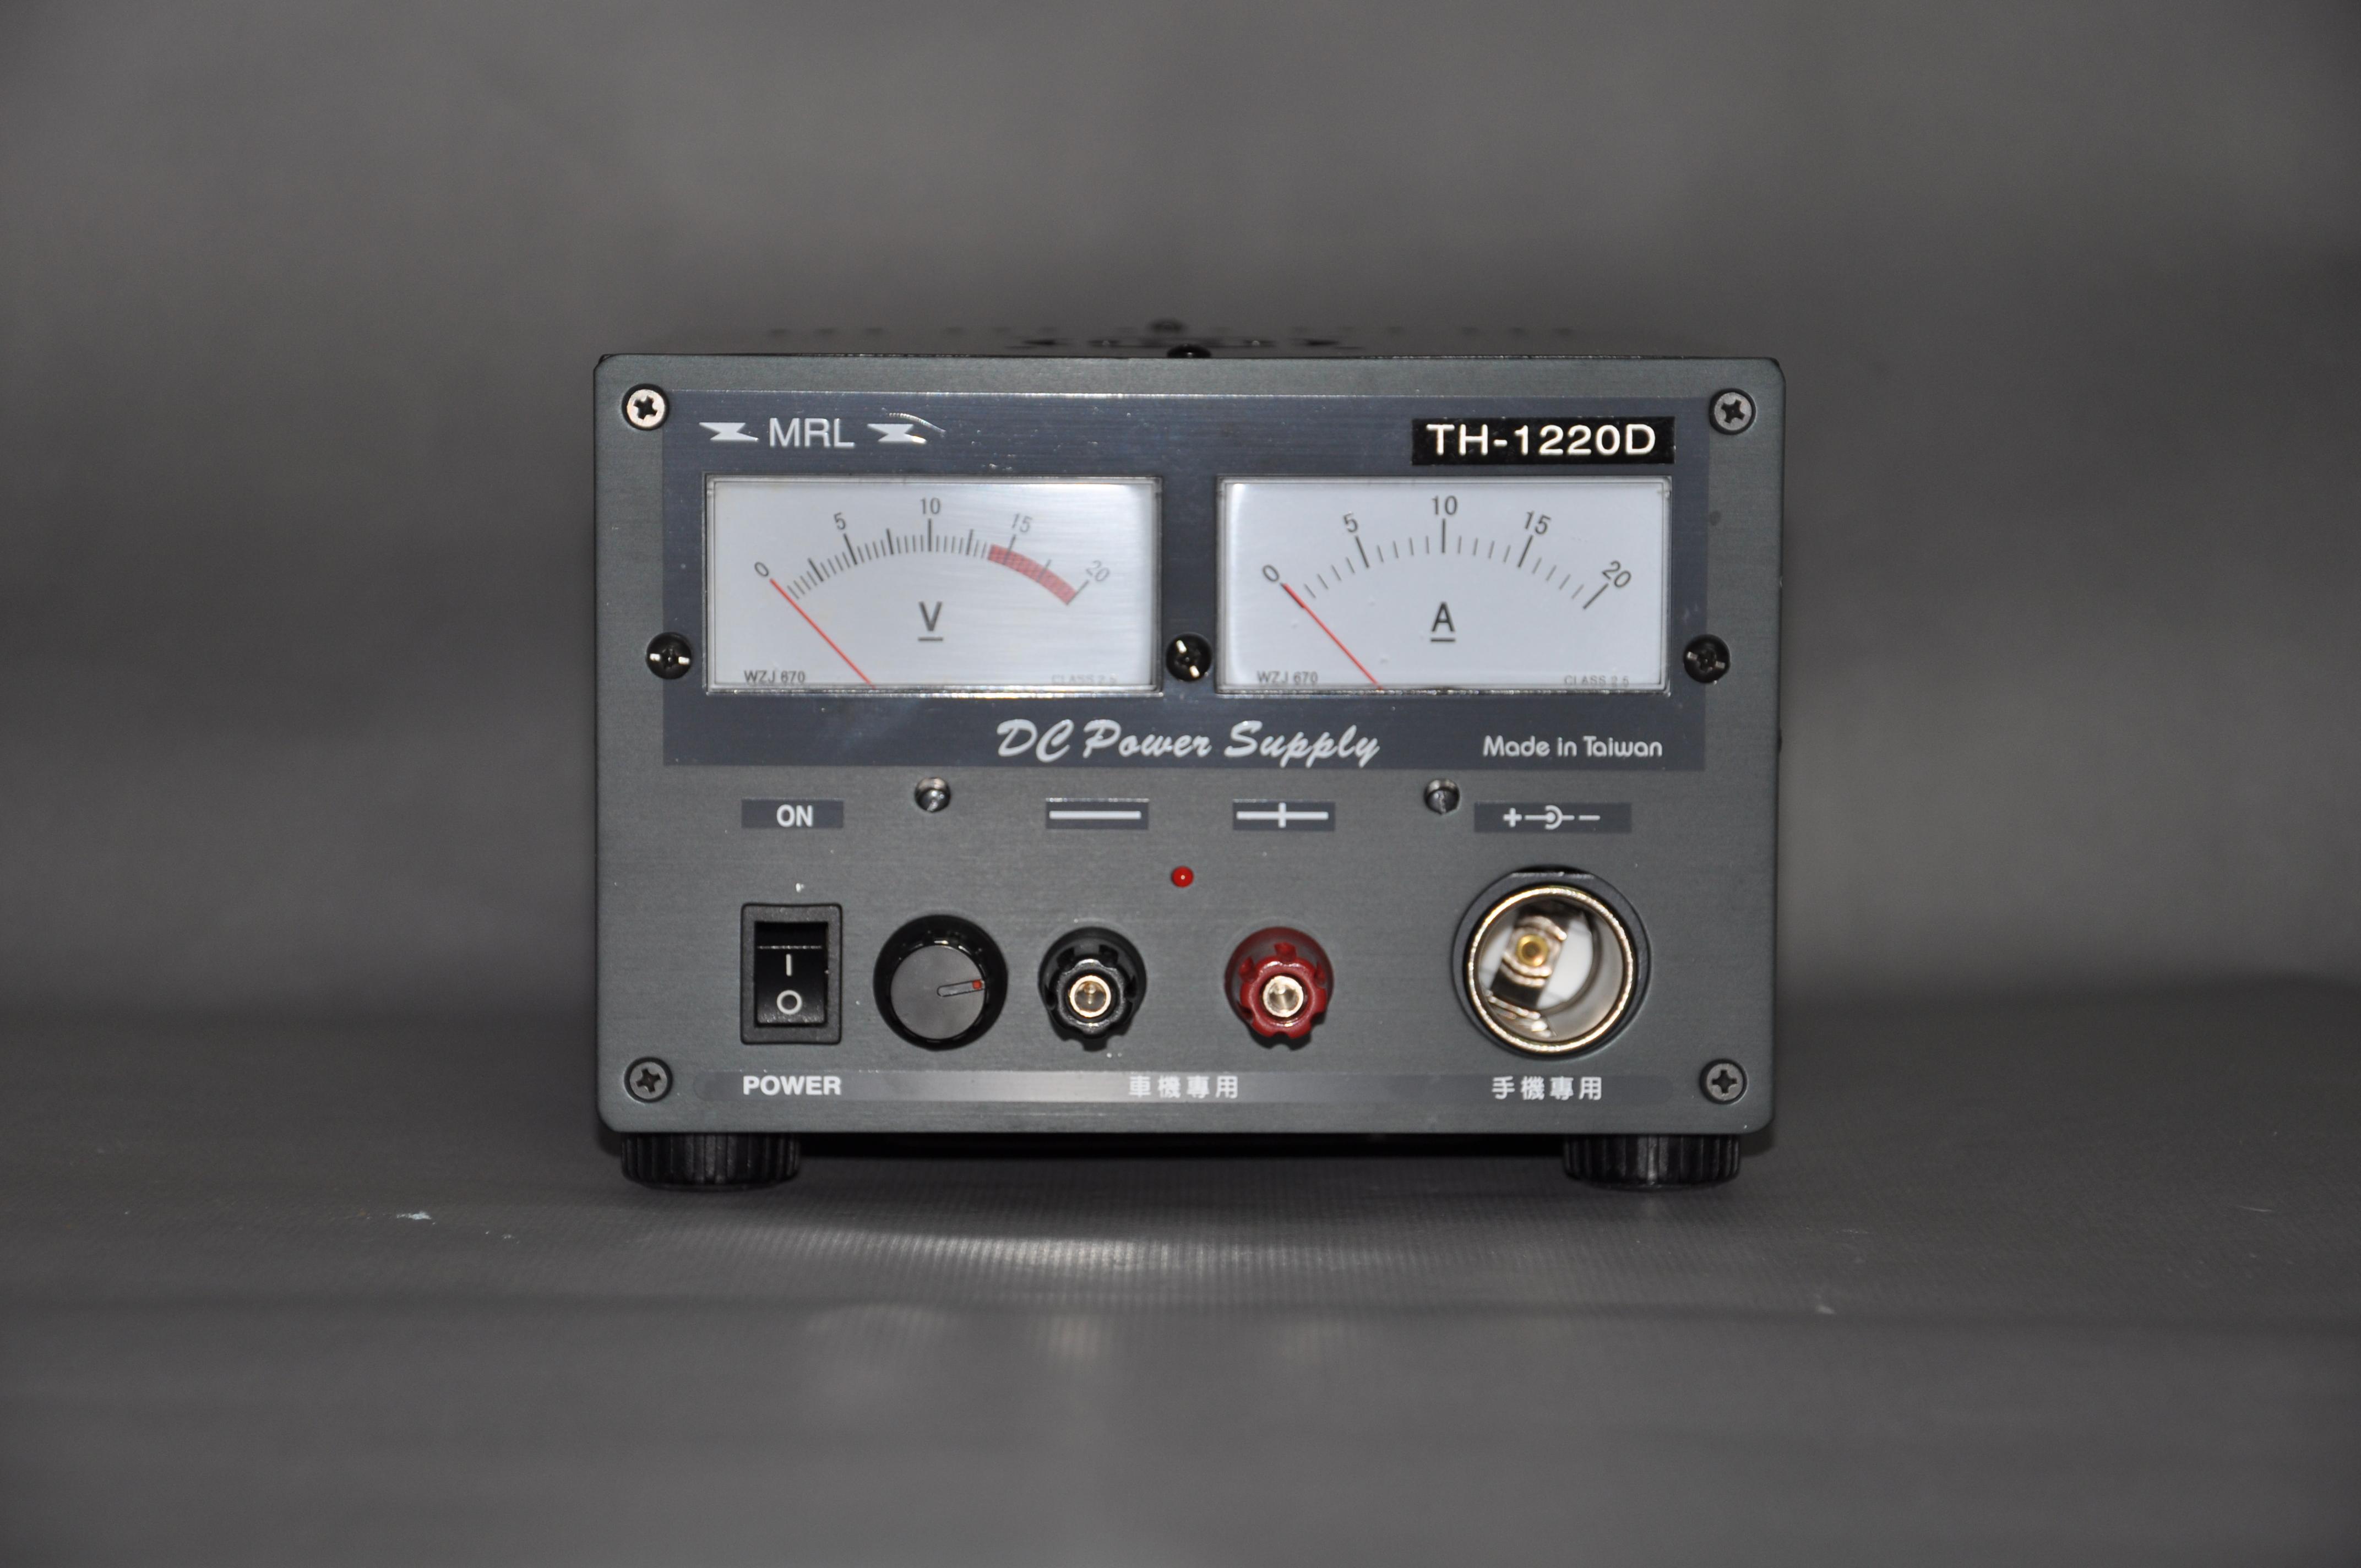 TH-1220D